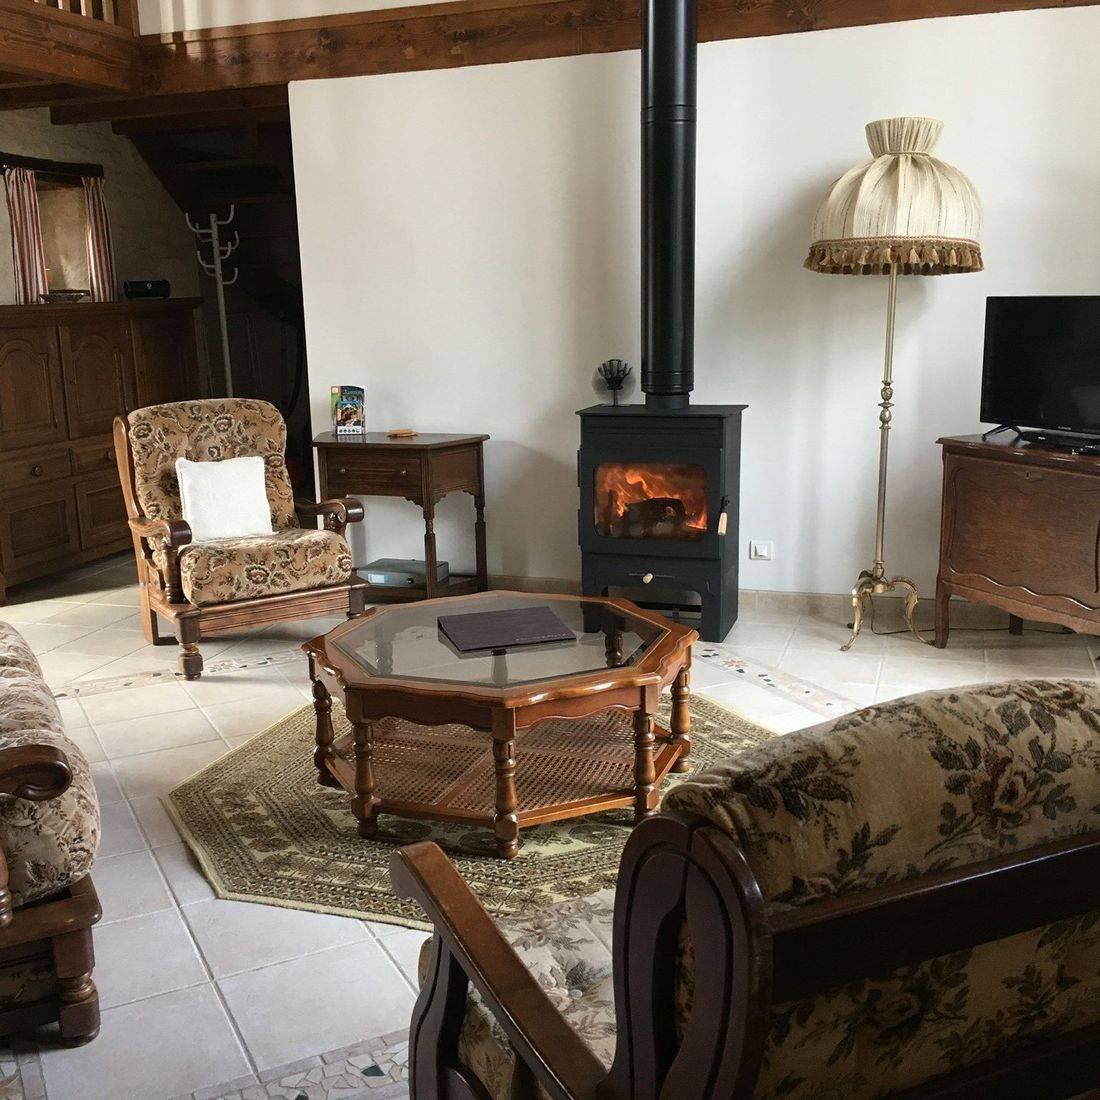 La Chouette log-burner